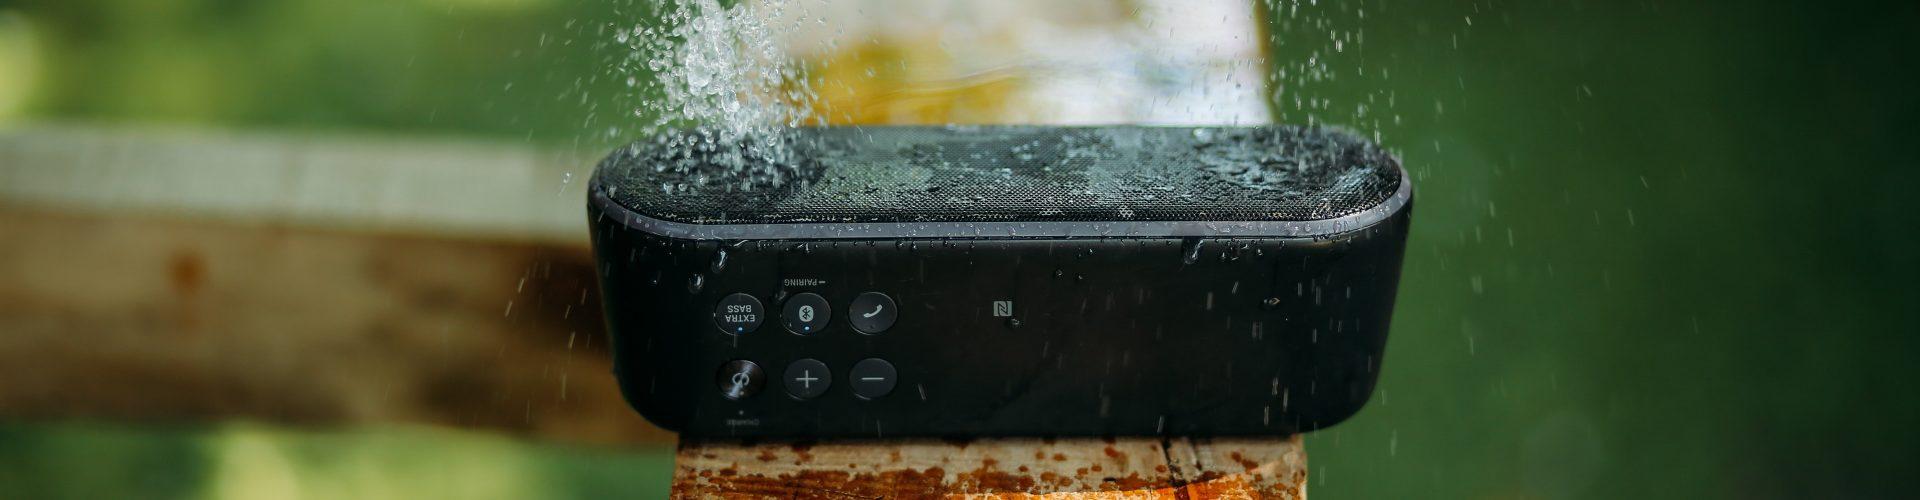 Water Resistant vs Waterproof: Behind the IP Rating - Audiostance